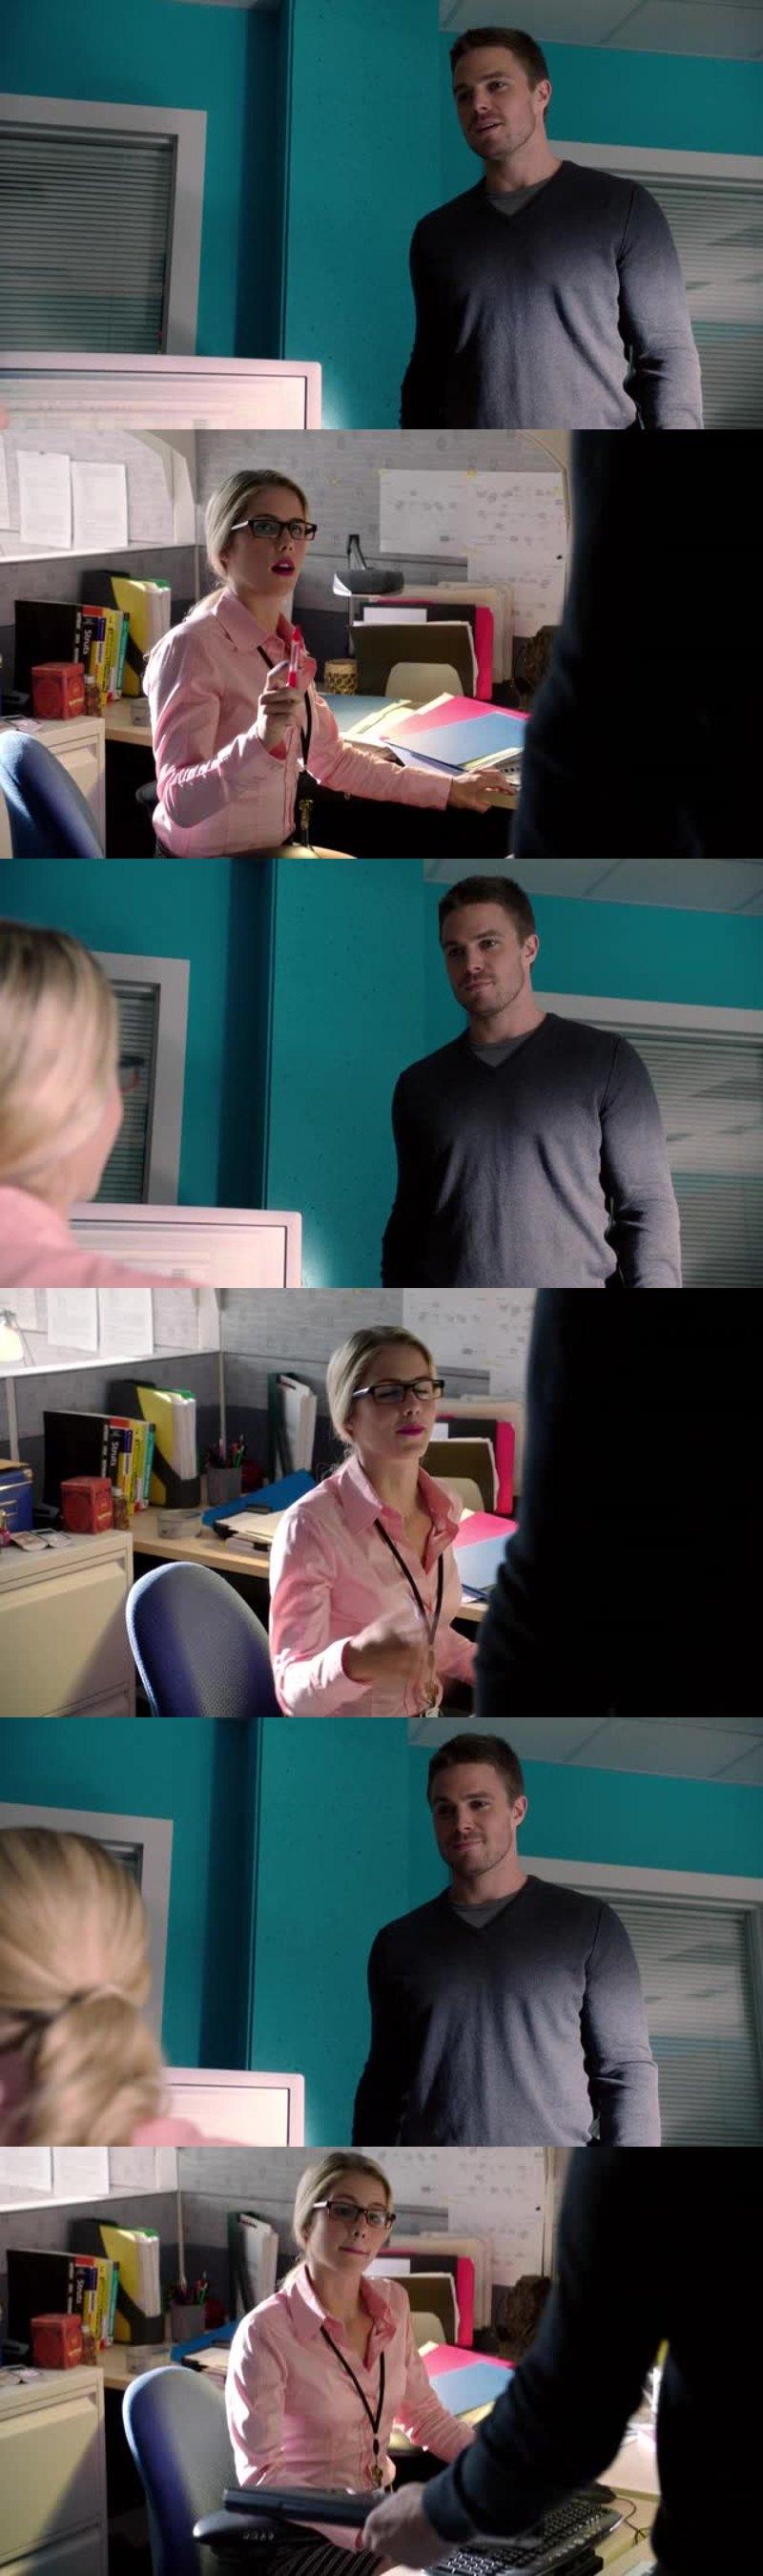 La rencontre Felicity et Oliver. L'une des meilleures scène de cette épisode.